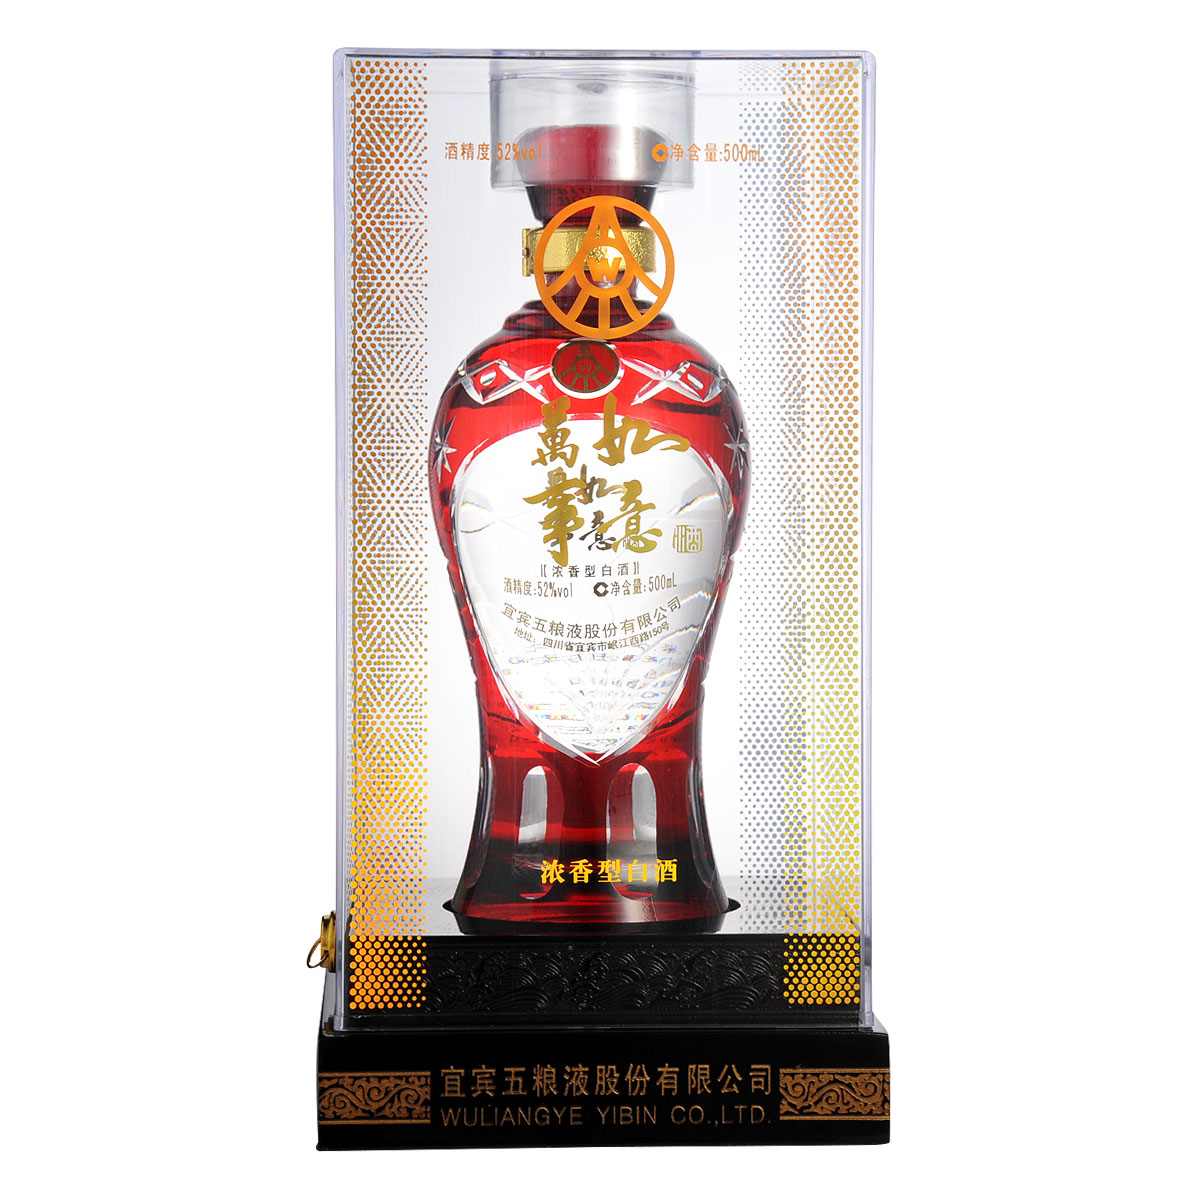 【清仓】52°五粮液(股份有限公司)万事如意系列红如意500ml(2011年-2012年)